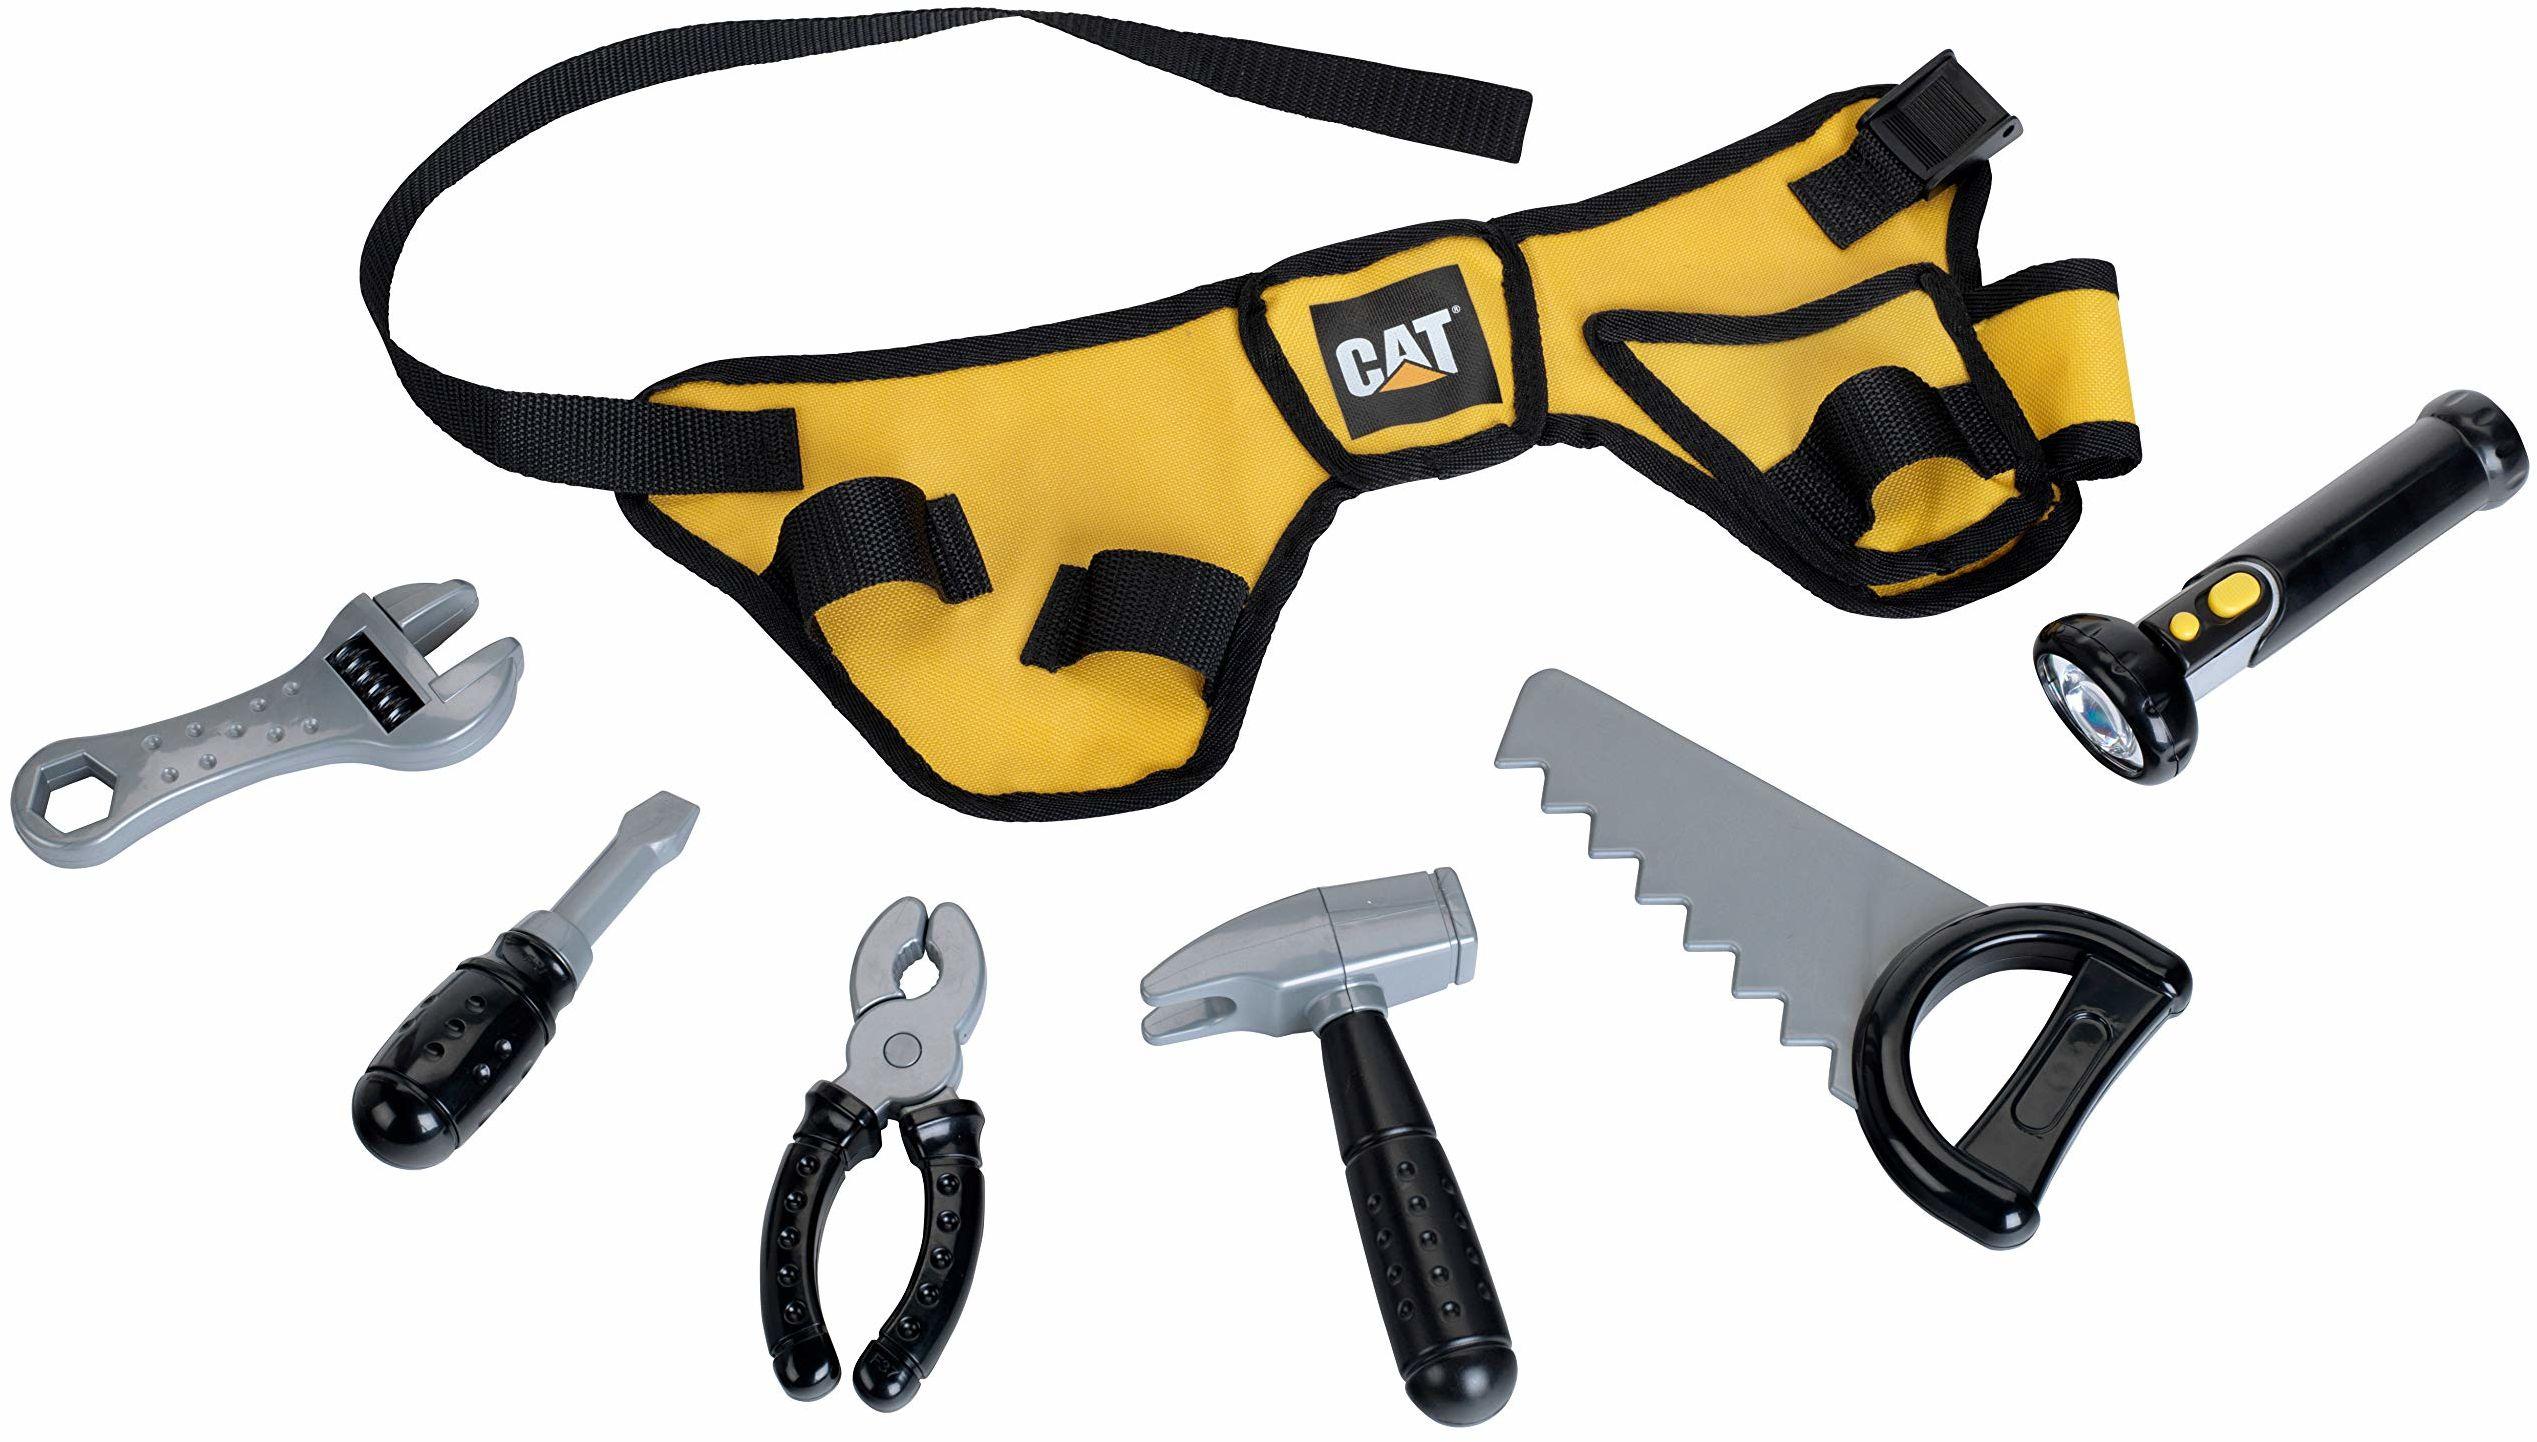 Theo Klein 3222 CAT pasek narzędziowy z latarką na baterie, 7-częściowy, zabawka, wielokolorowy